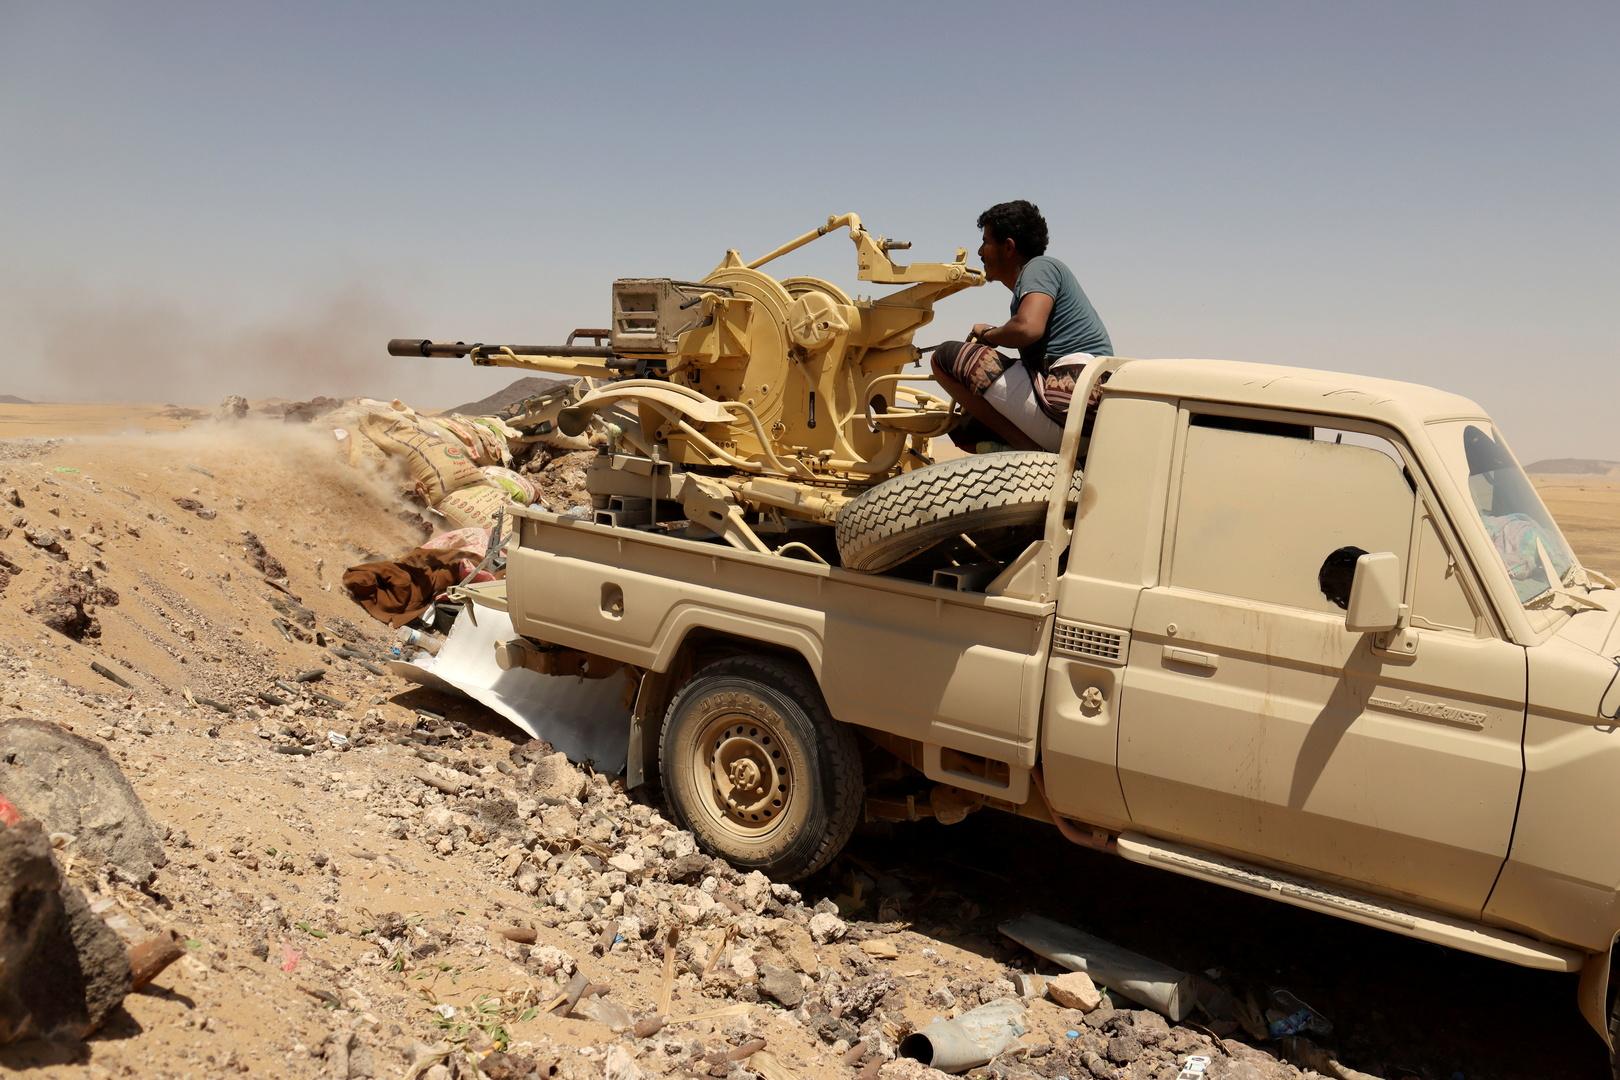 اليمن.. الإرياني يعلن استعادة مواقع استراتيجية بمحافظة البيضاء